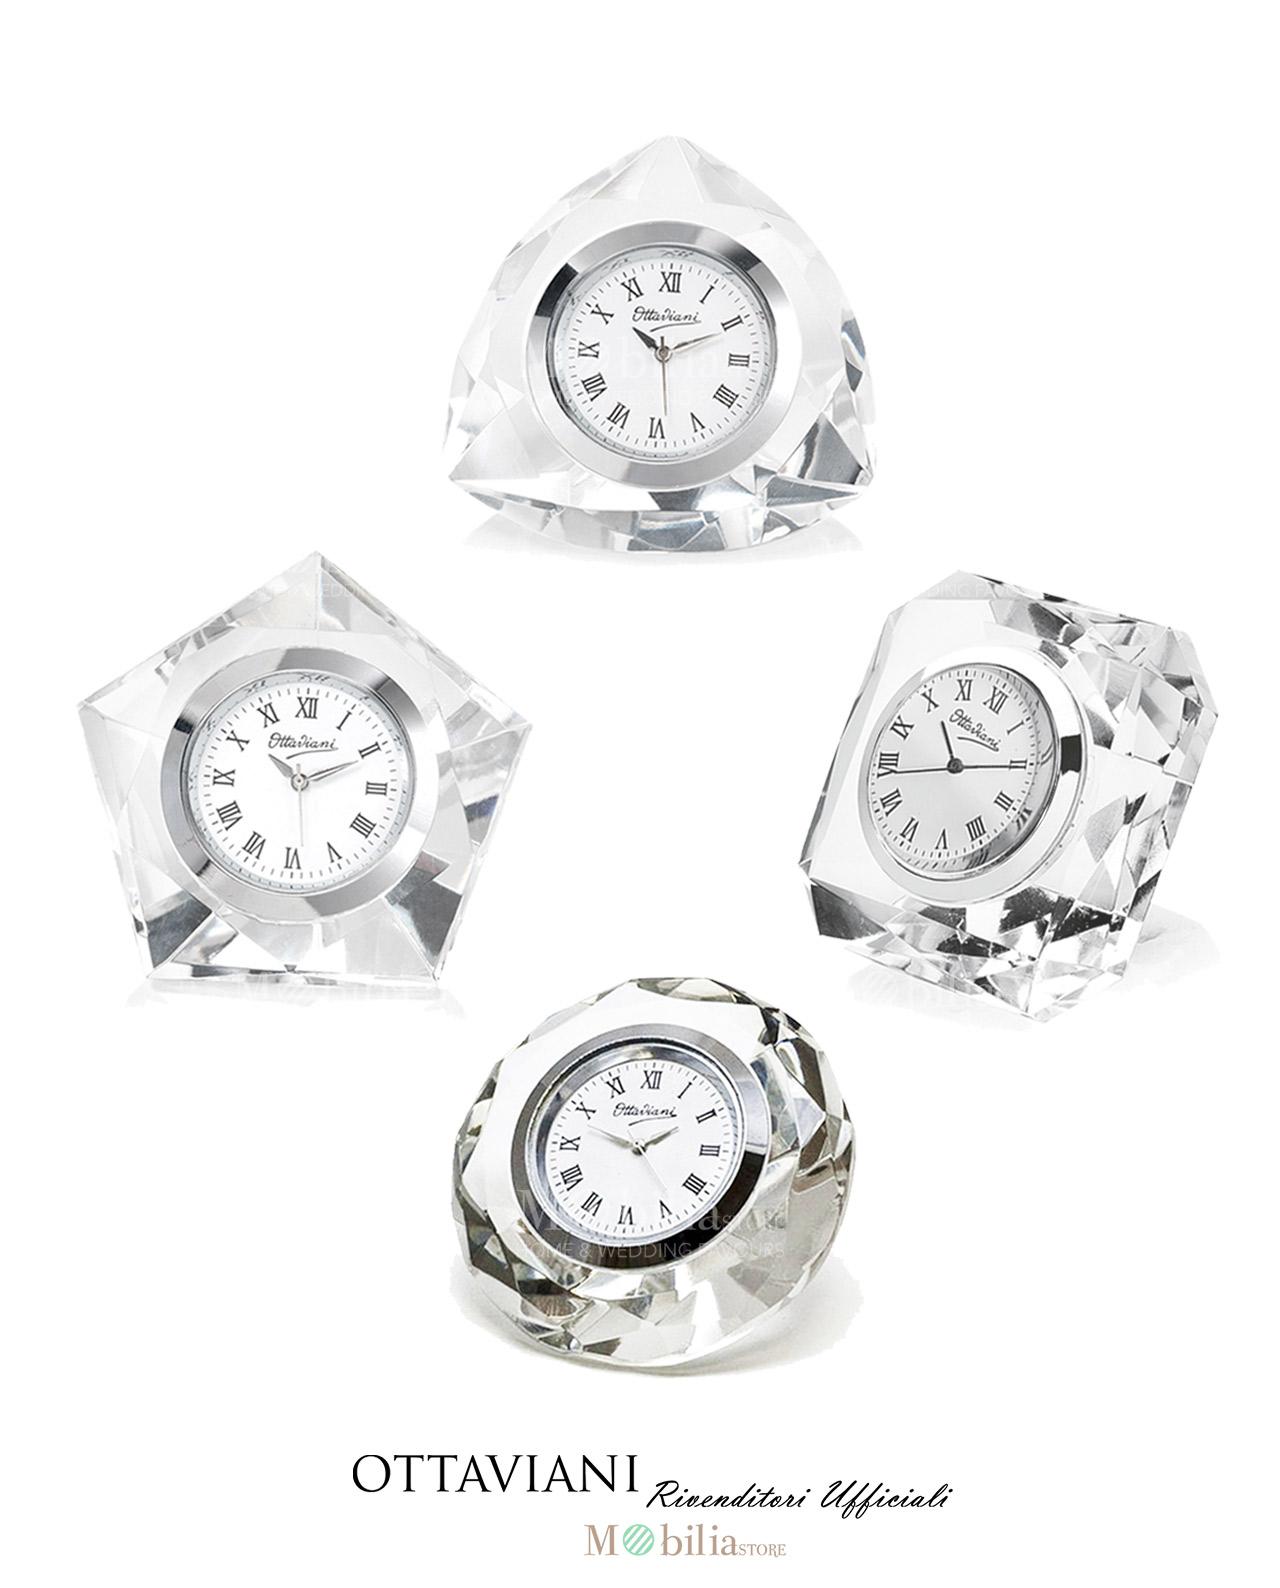 Orologio da tavolo cristallo ottaviani in offerta mobilia store home favours - Ottaviani orologio da tavolo ...